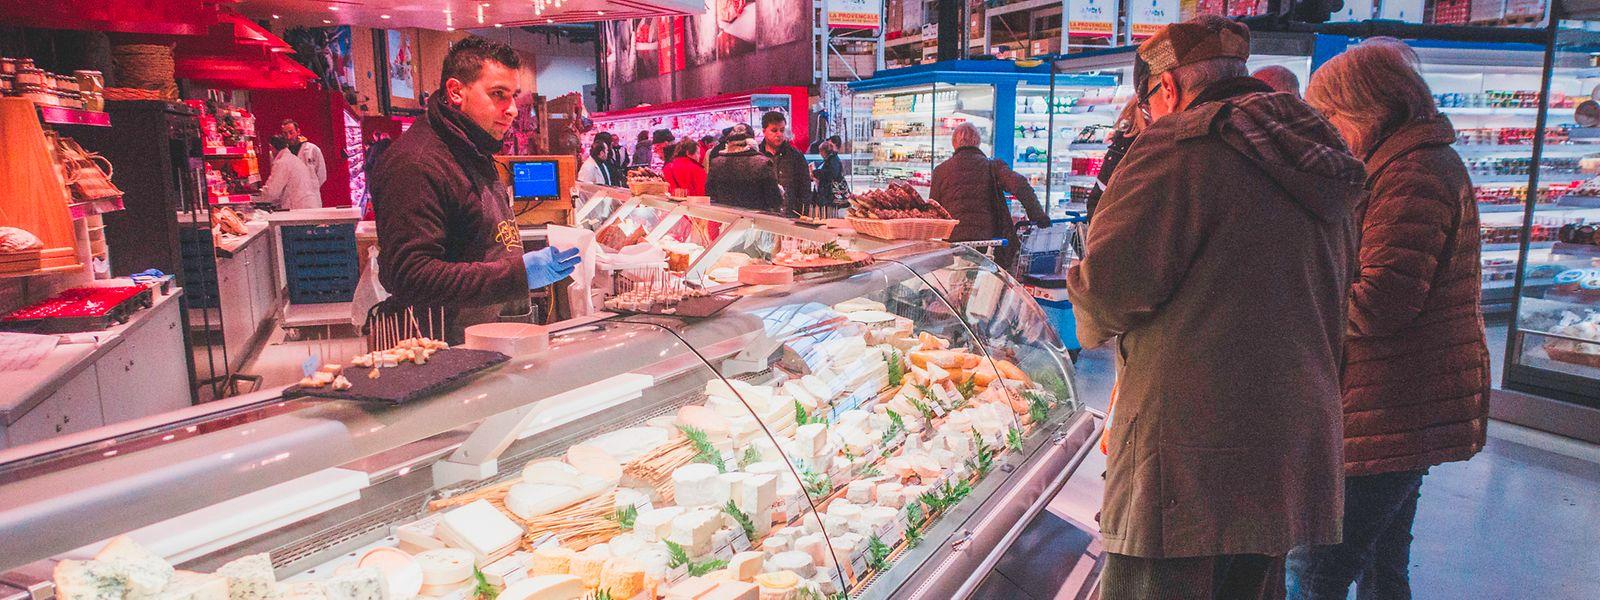 Pour tenter de faire baisser les prix et augmenter les marges, les commerces de détail luxembourgeois souhaitent que la Commission se penche sur les «restrictions territoriales de l'offre».